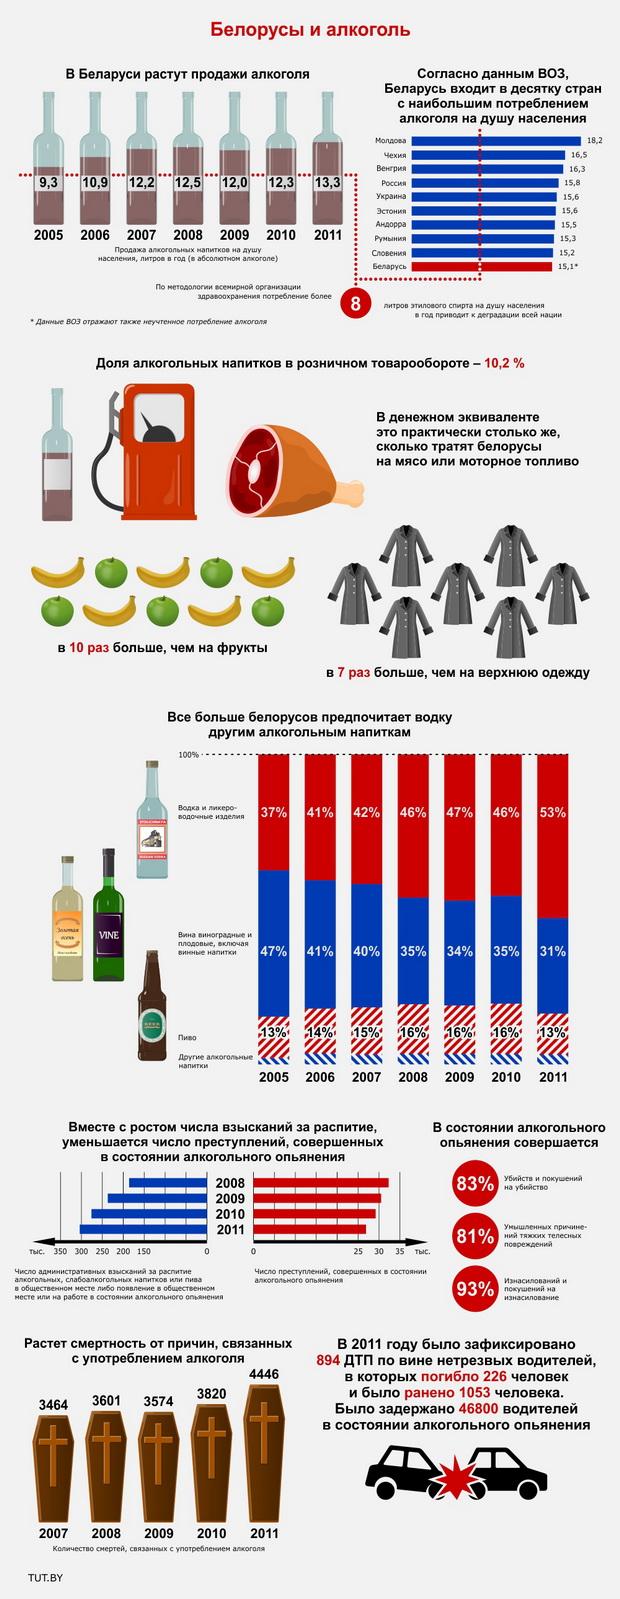 Налоговики ликвидировали нелегальный канал контрабанды спирта из России на Луганщине - Цензор.НЕТ 4795